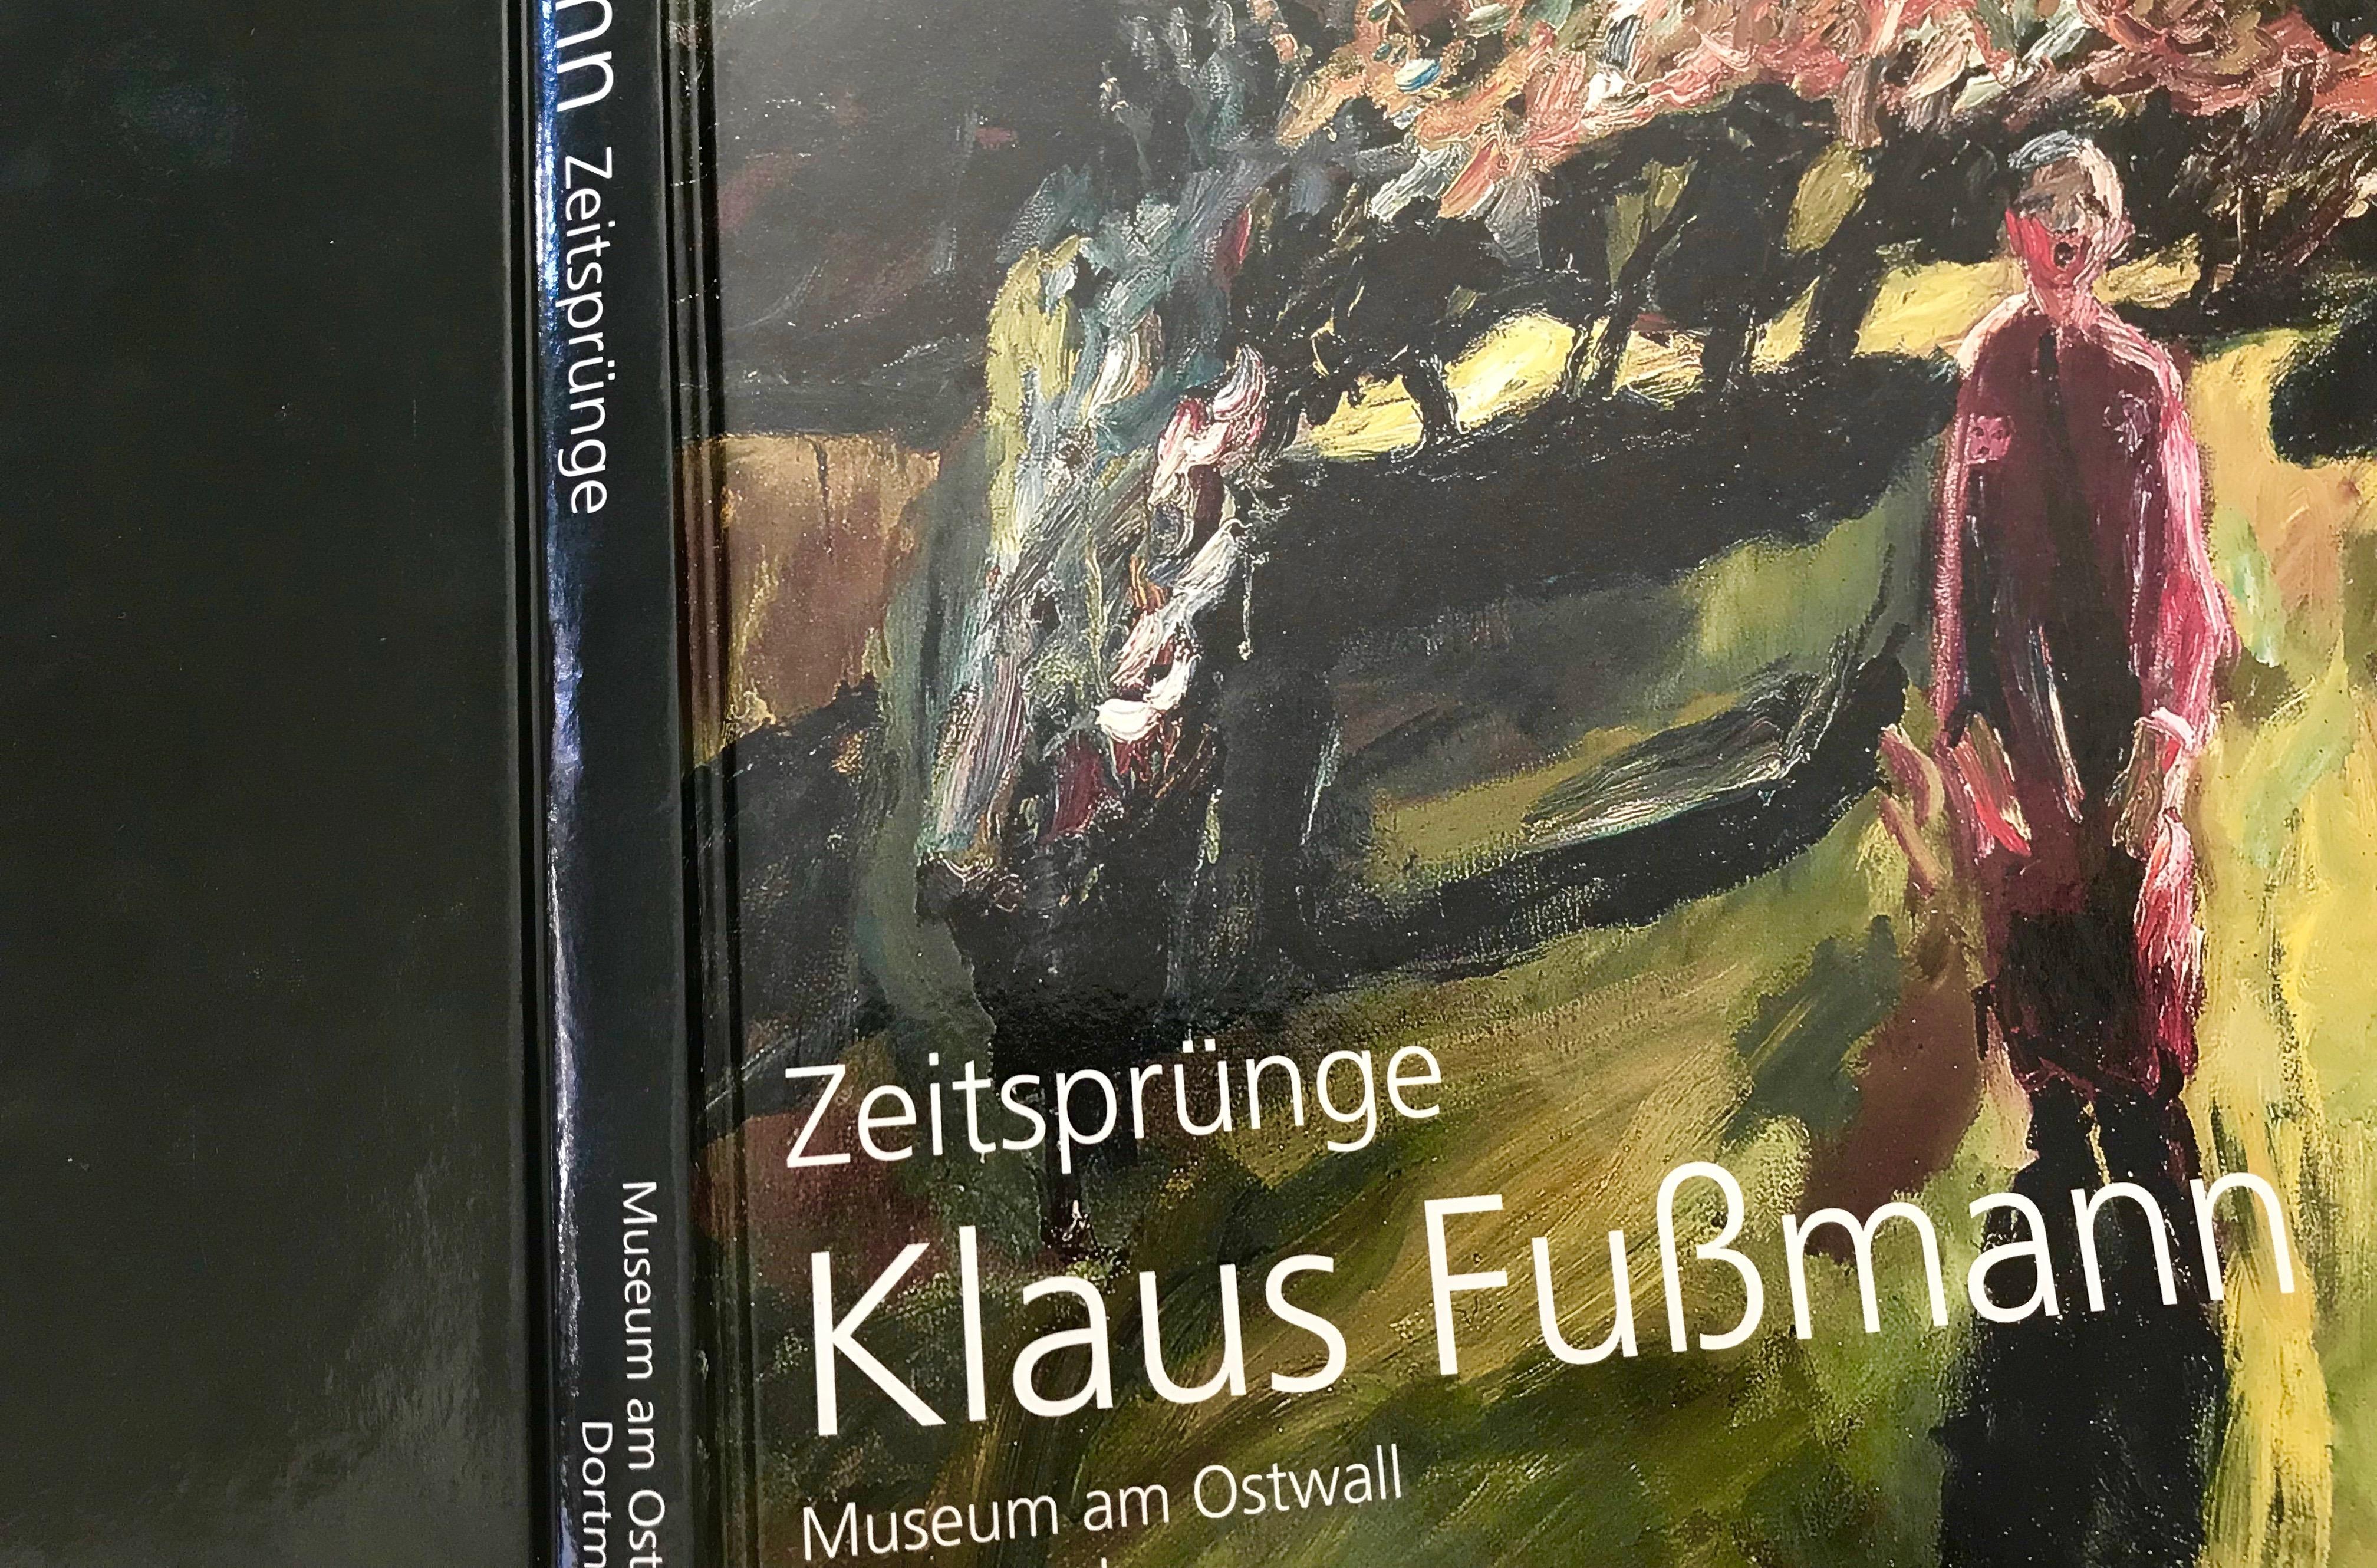 Zeitsprünge: Cover Katalog Klaus Fußmann